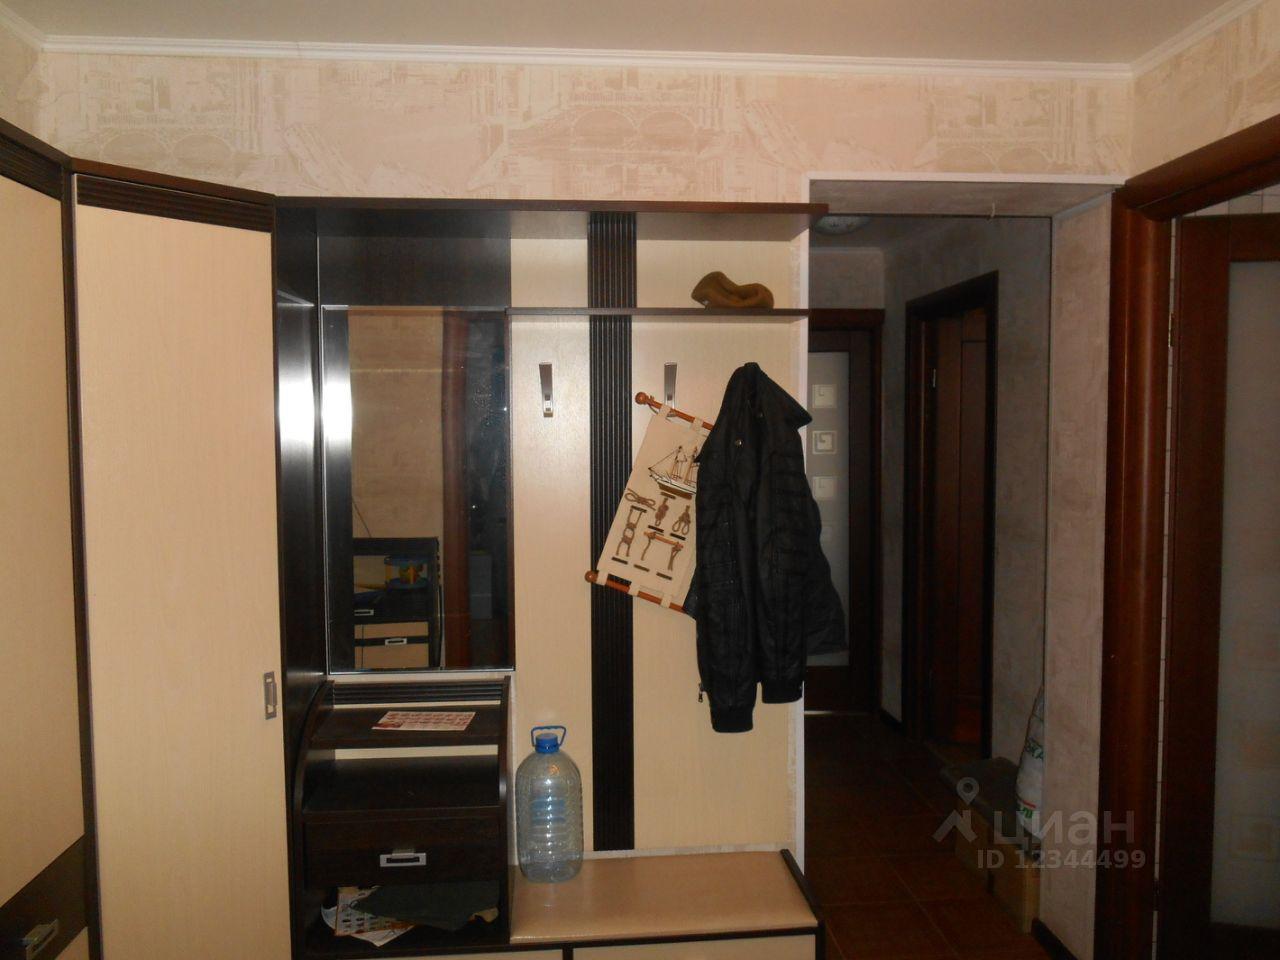 куплю трехкомнатную квартиру Химки городской округ, город Химки, Юбилейный проезд, д. 6